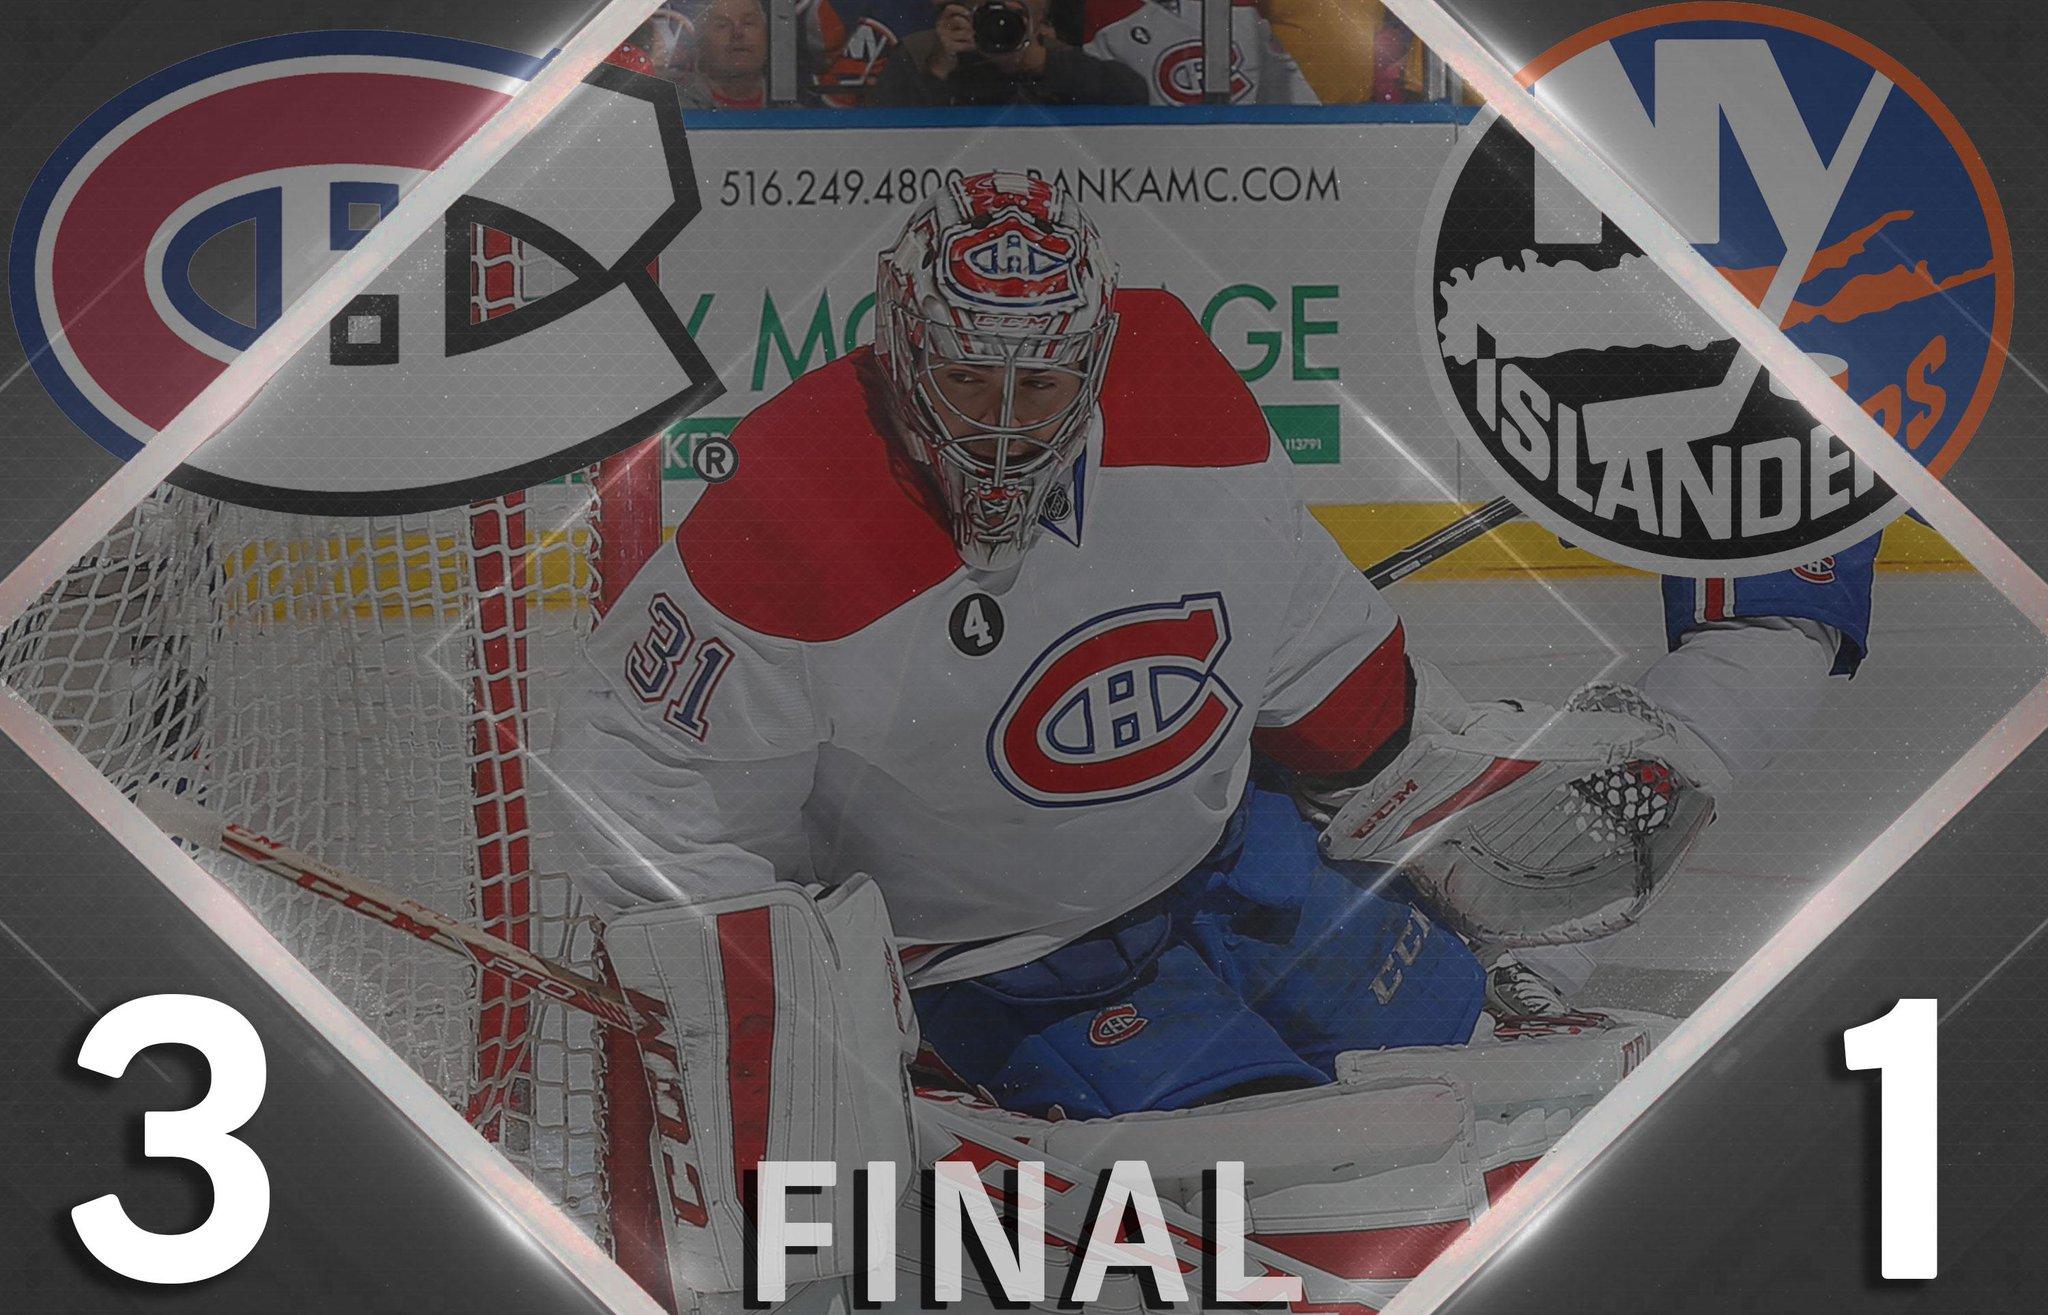 .@CanadiensMTL 3 @NYIslanders 1  --- FINAL ---  #NHLonNBC http://t.co/mcXzSvsNCx